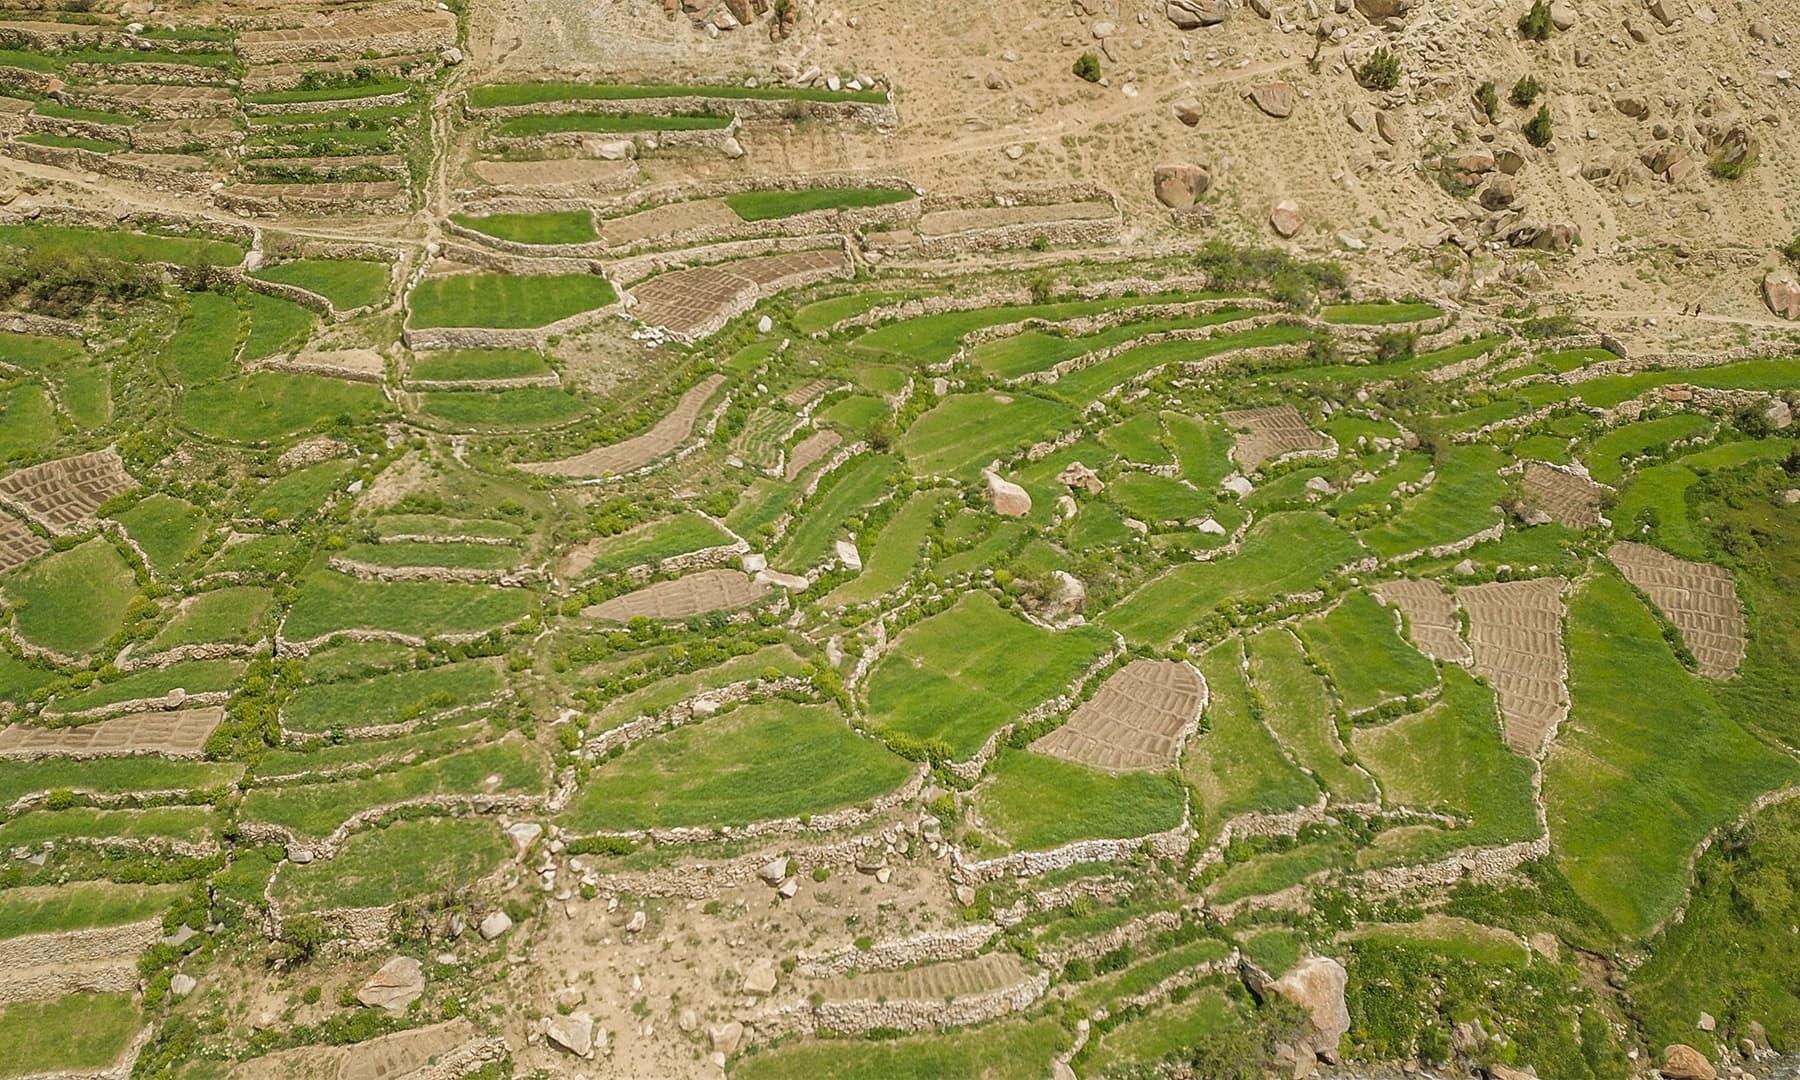 بلتستان میں فصل اگانے کا منفرد انداز